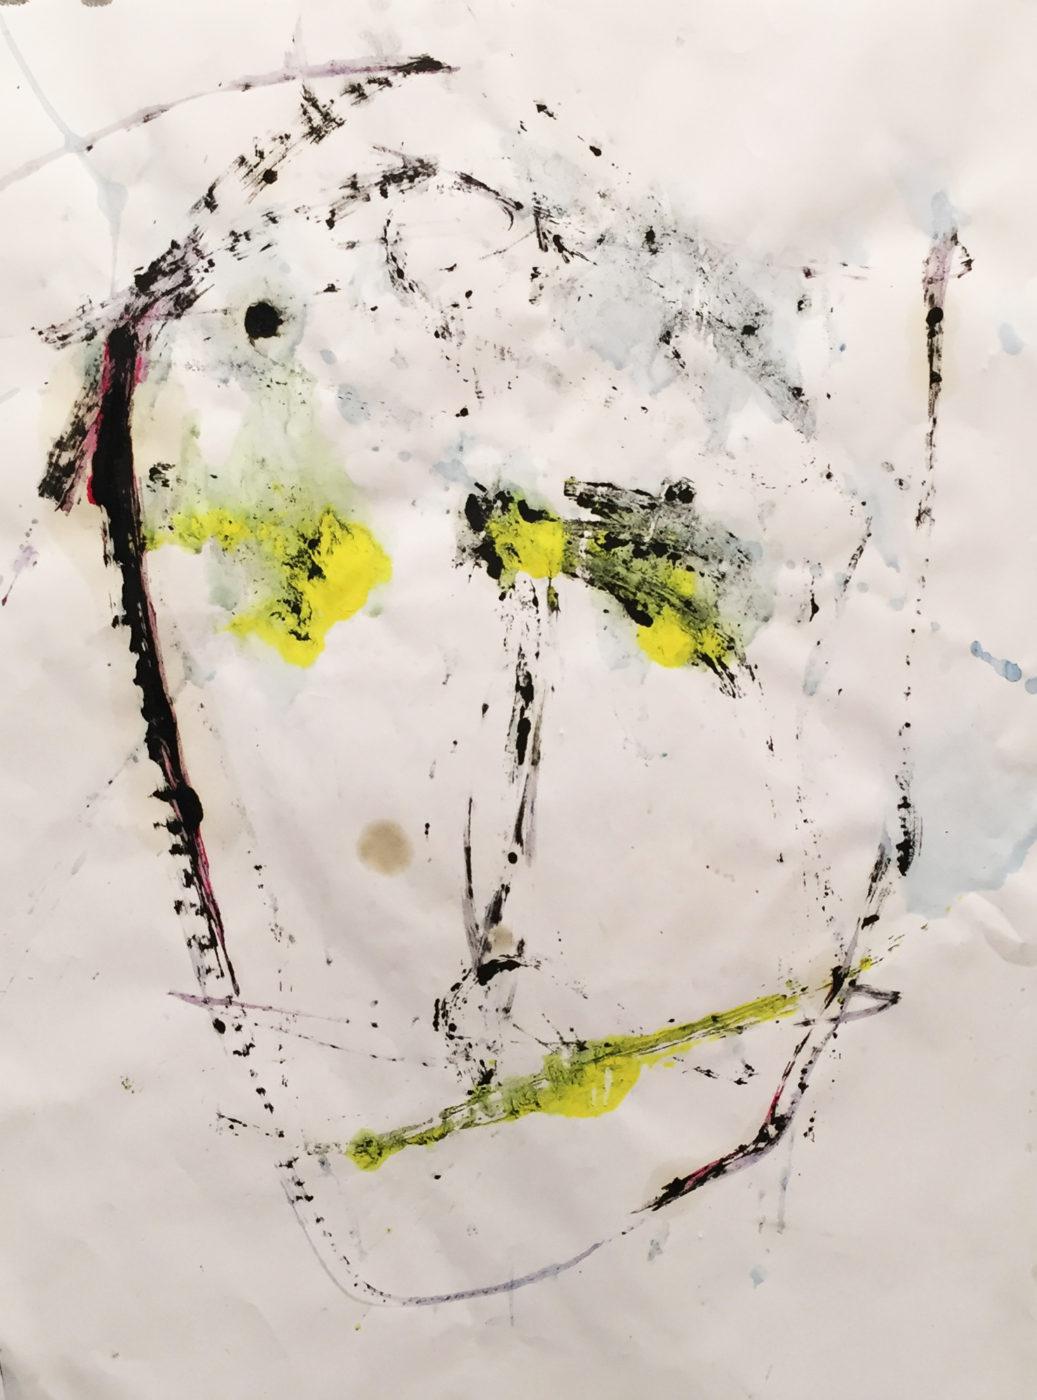 MARC FELD 2017 VISAGE 3 Acrylique et huile sur papier 50x65 cm